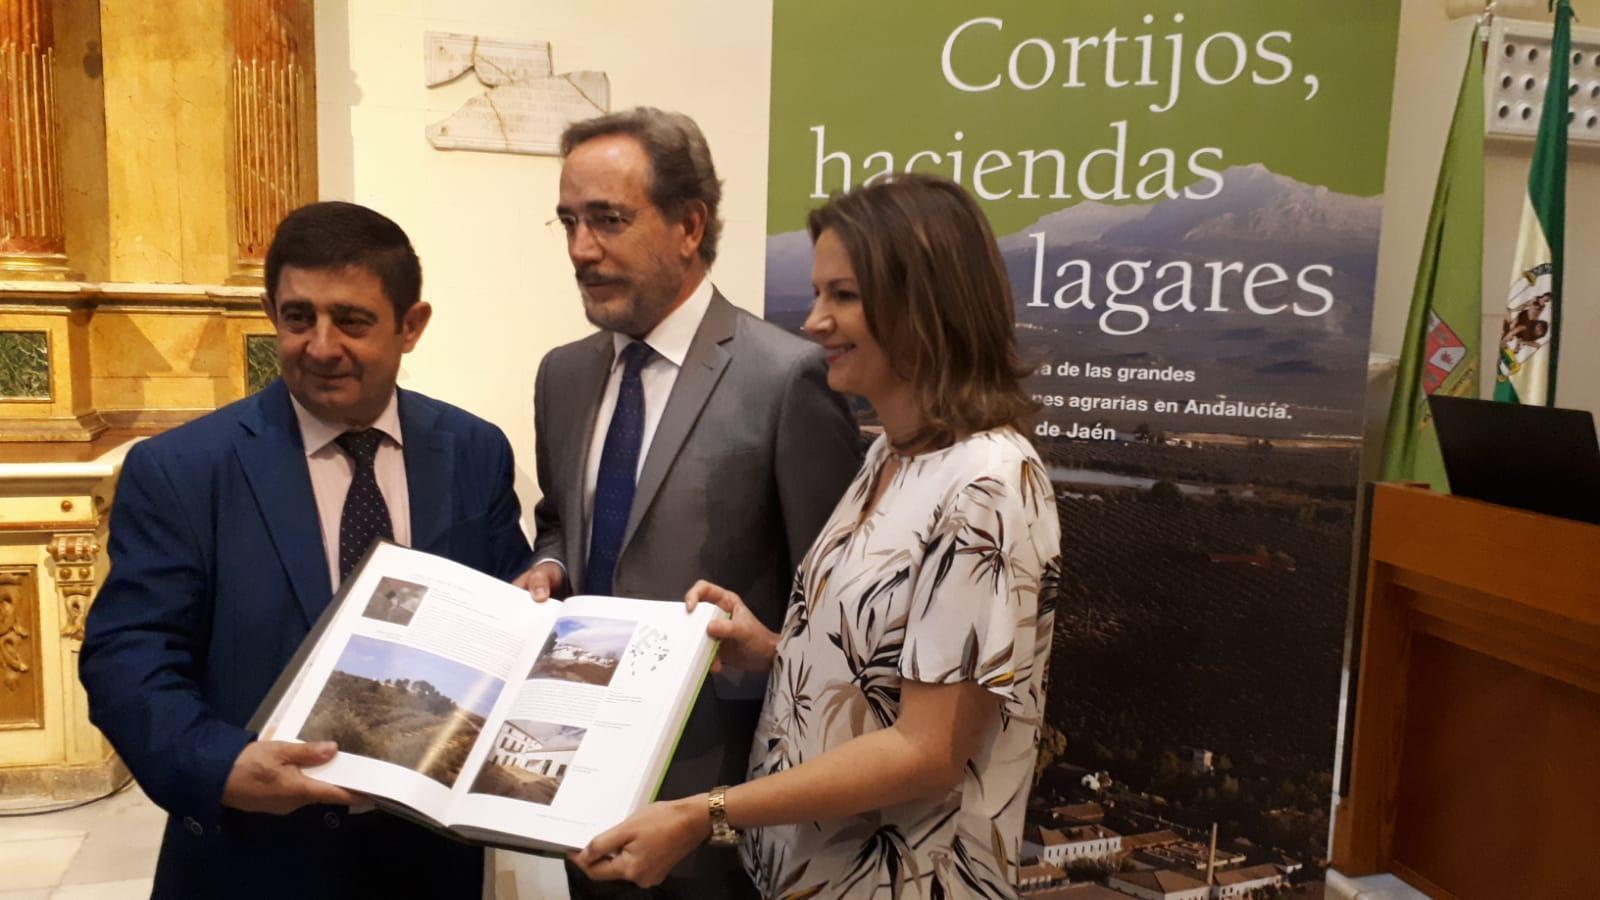 La Junta recopila la arquitectura civil agraria de Jaén en el libro 'Cortijos, haciendas y lagares',